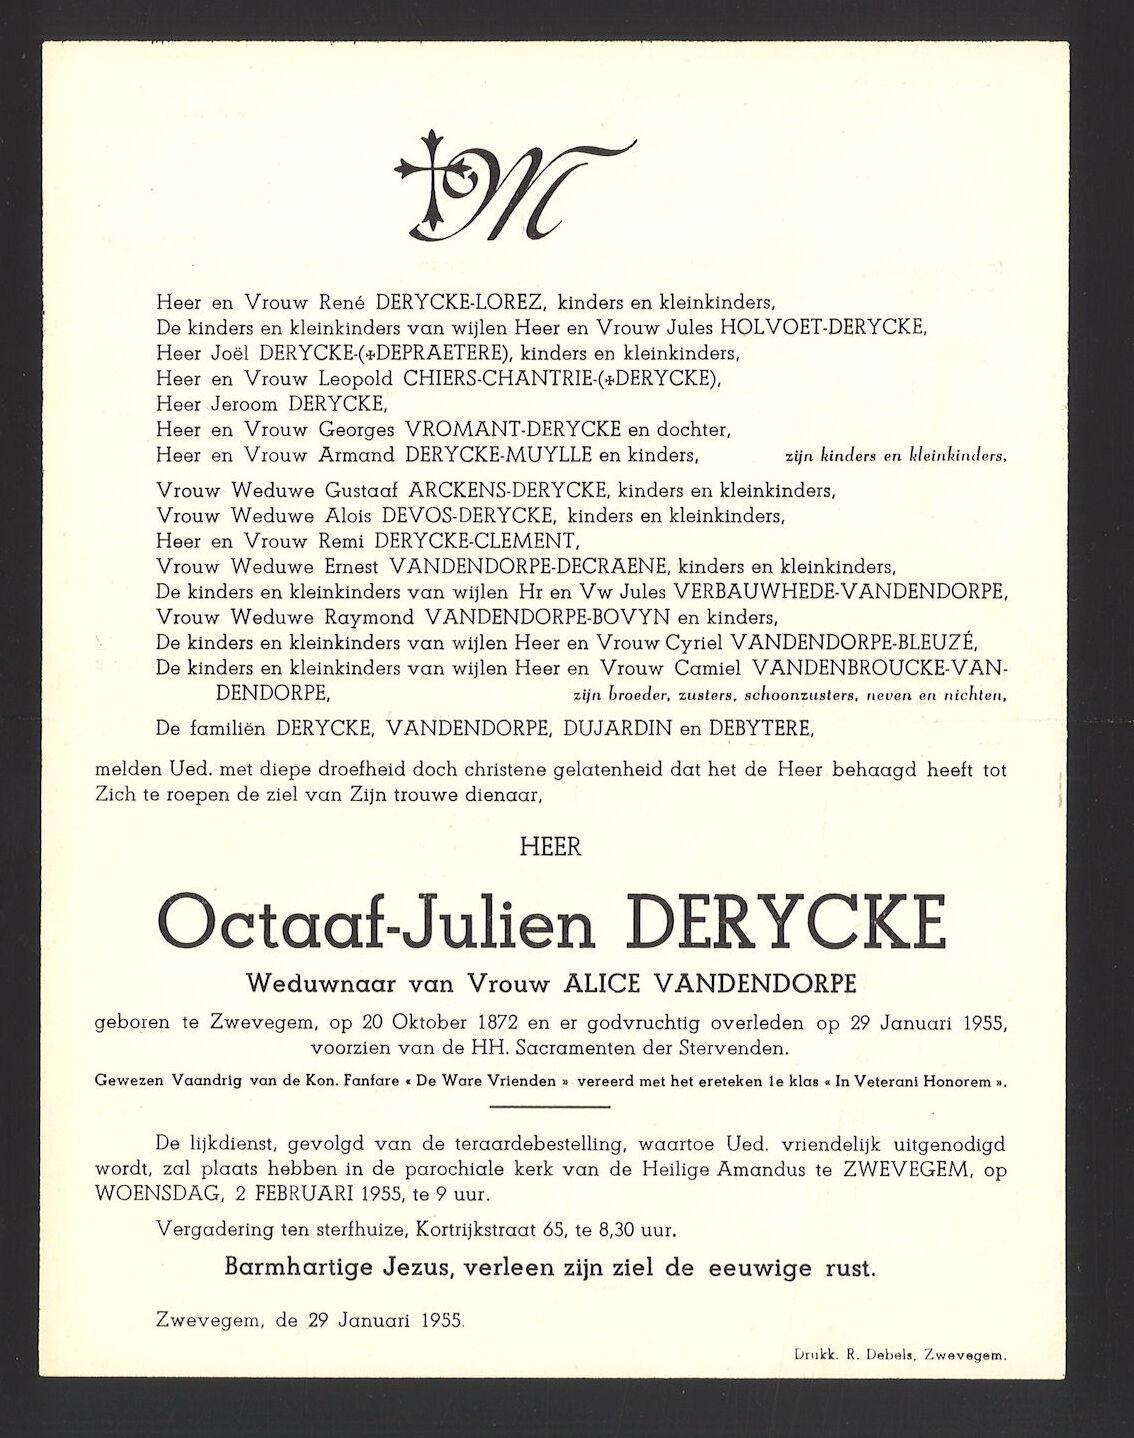 Octaaf-Julien Derycke